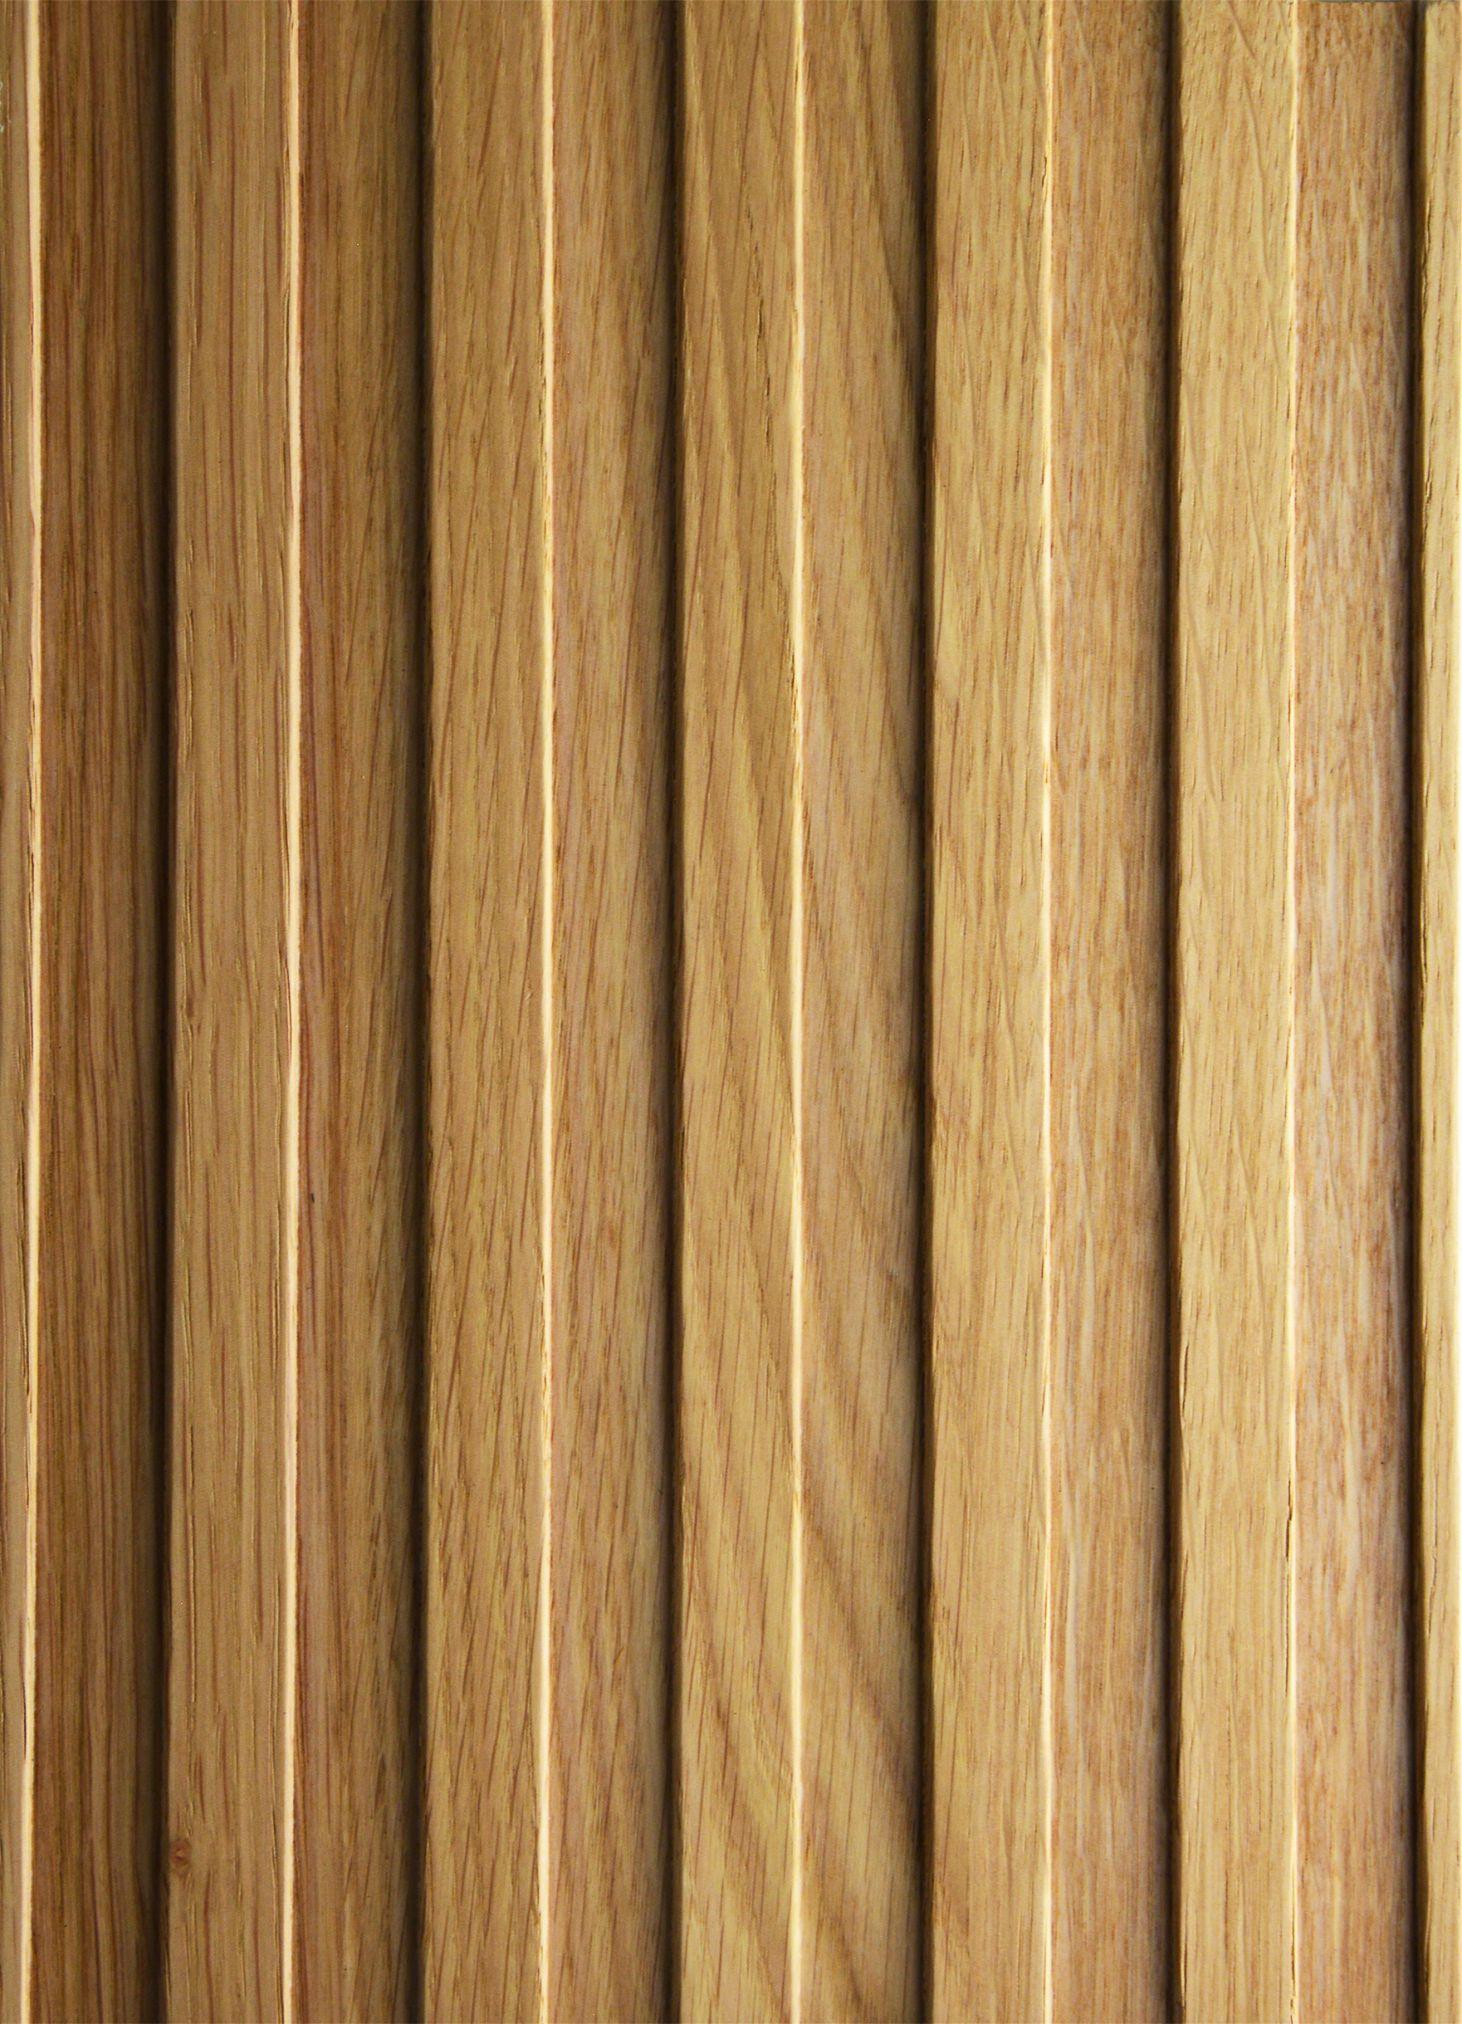 2643 - Straight - Knob Oak - Real wood veneer